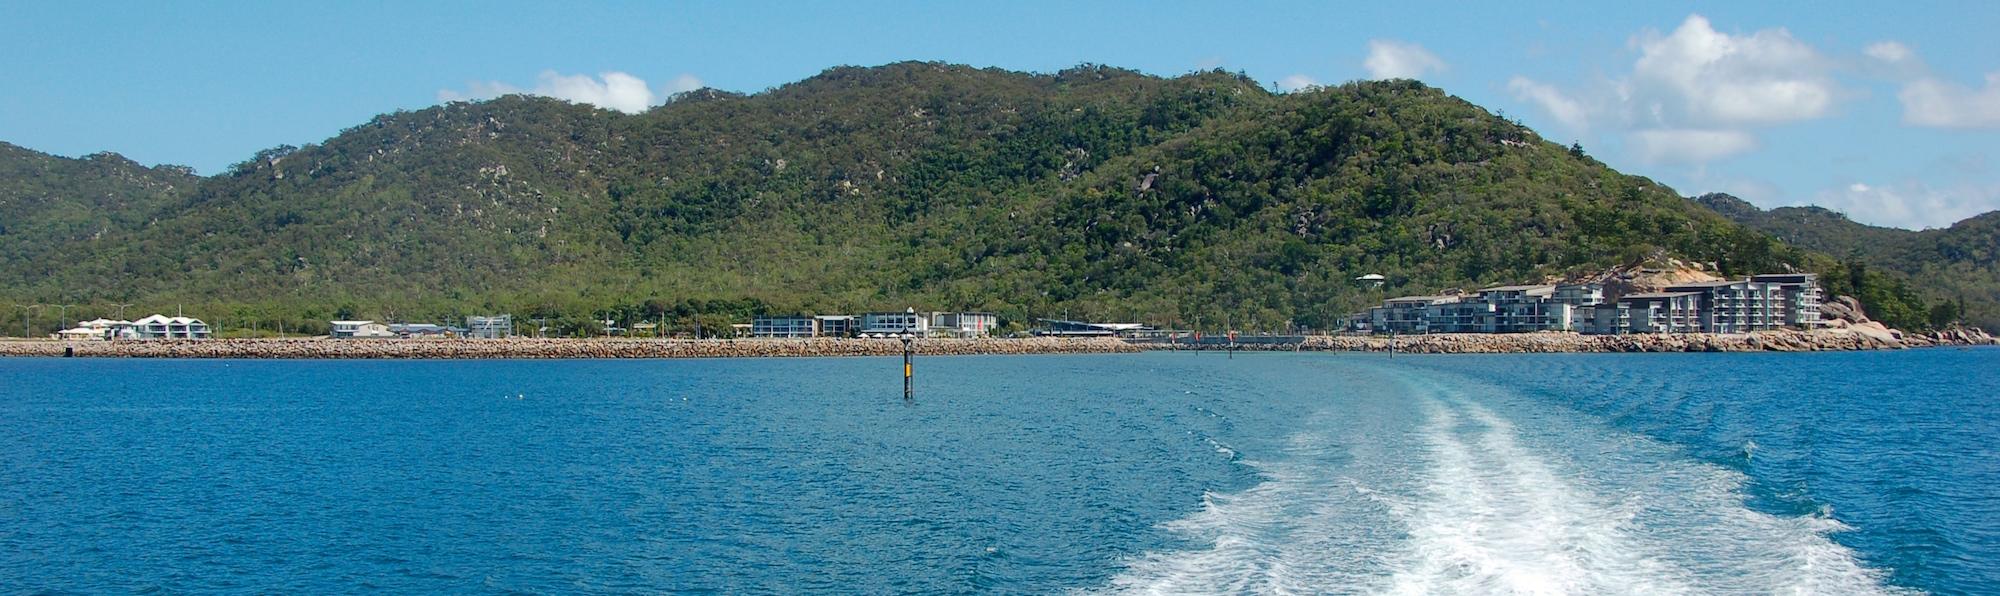 Vuelta a la isla y baño en sus playas y calas, Australia